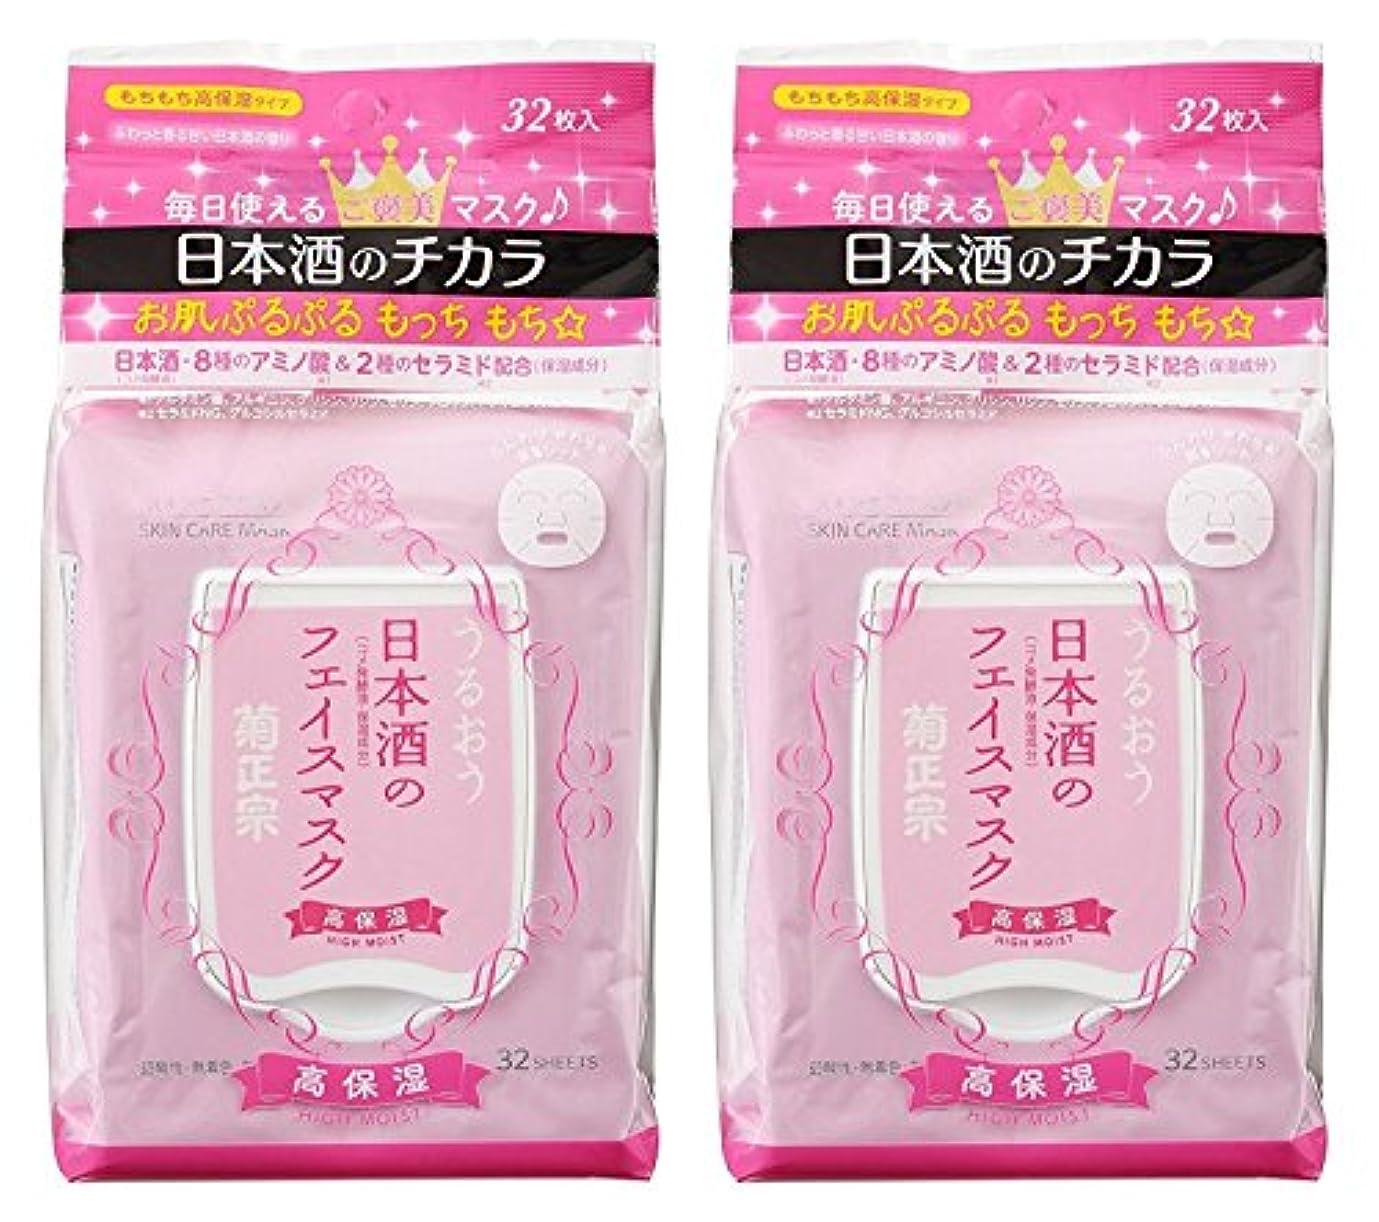 酸魚能力菊正宗 日本酒のフェイスマスク 高保湿 32枚入×2セット